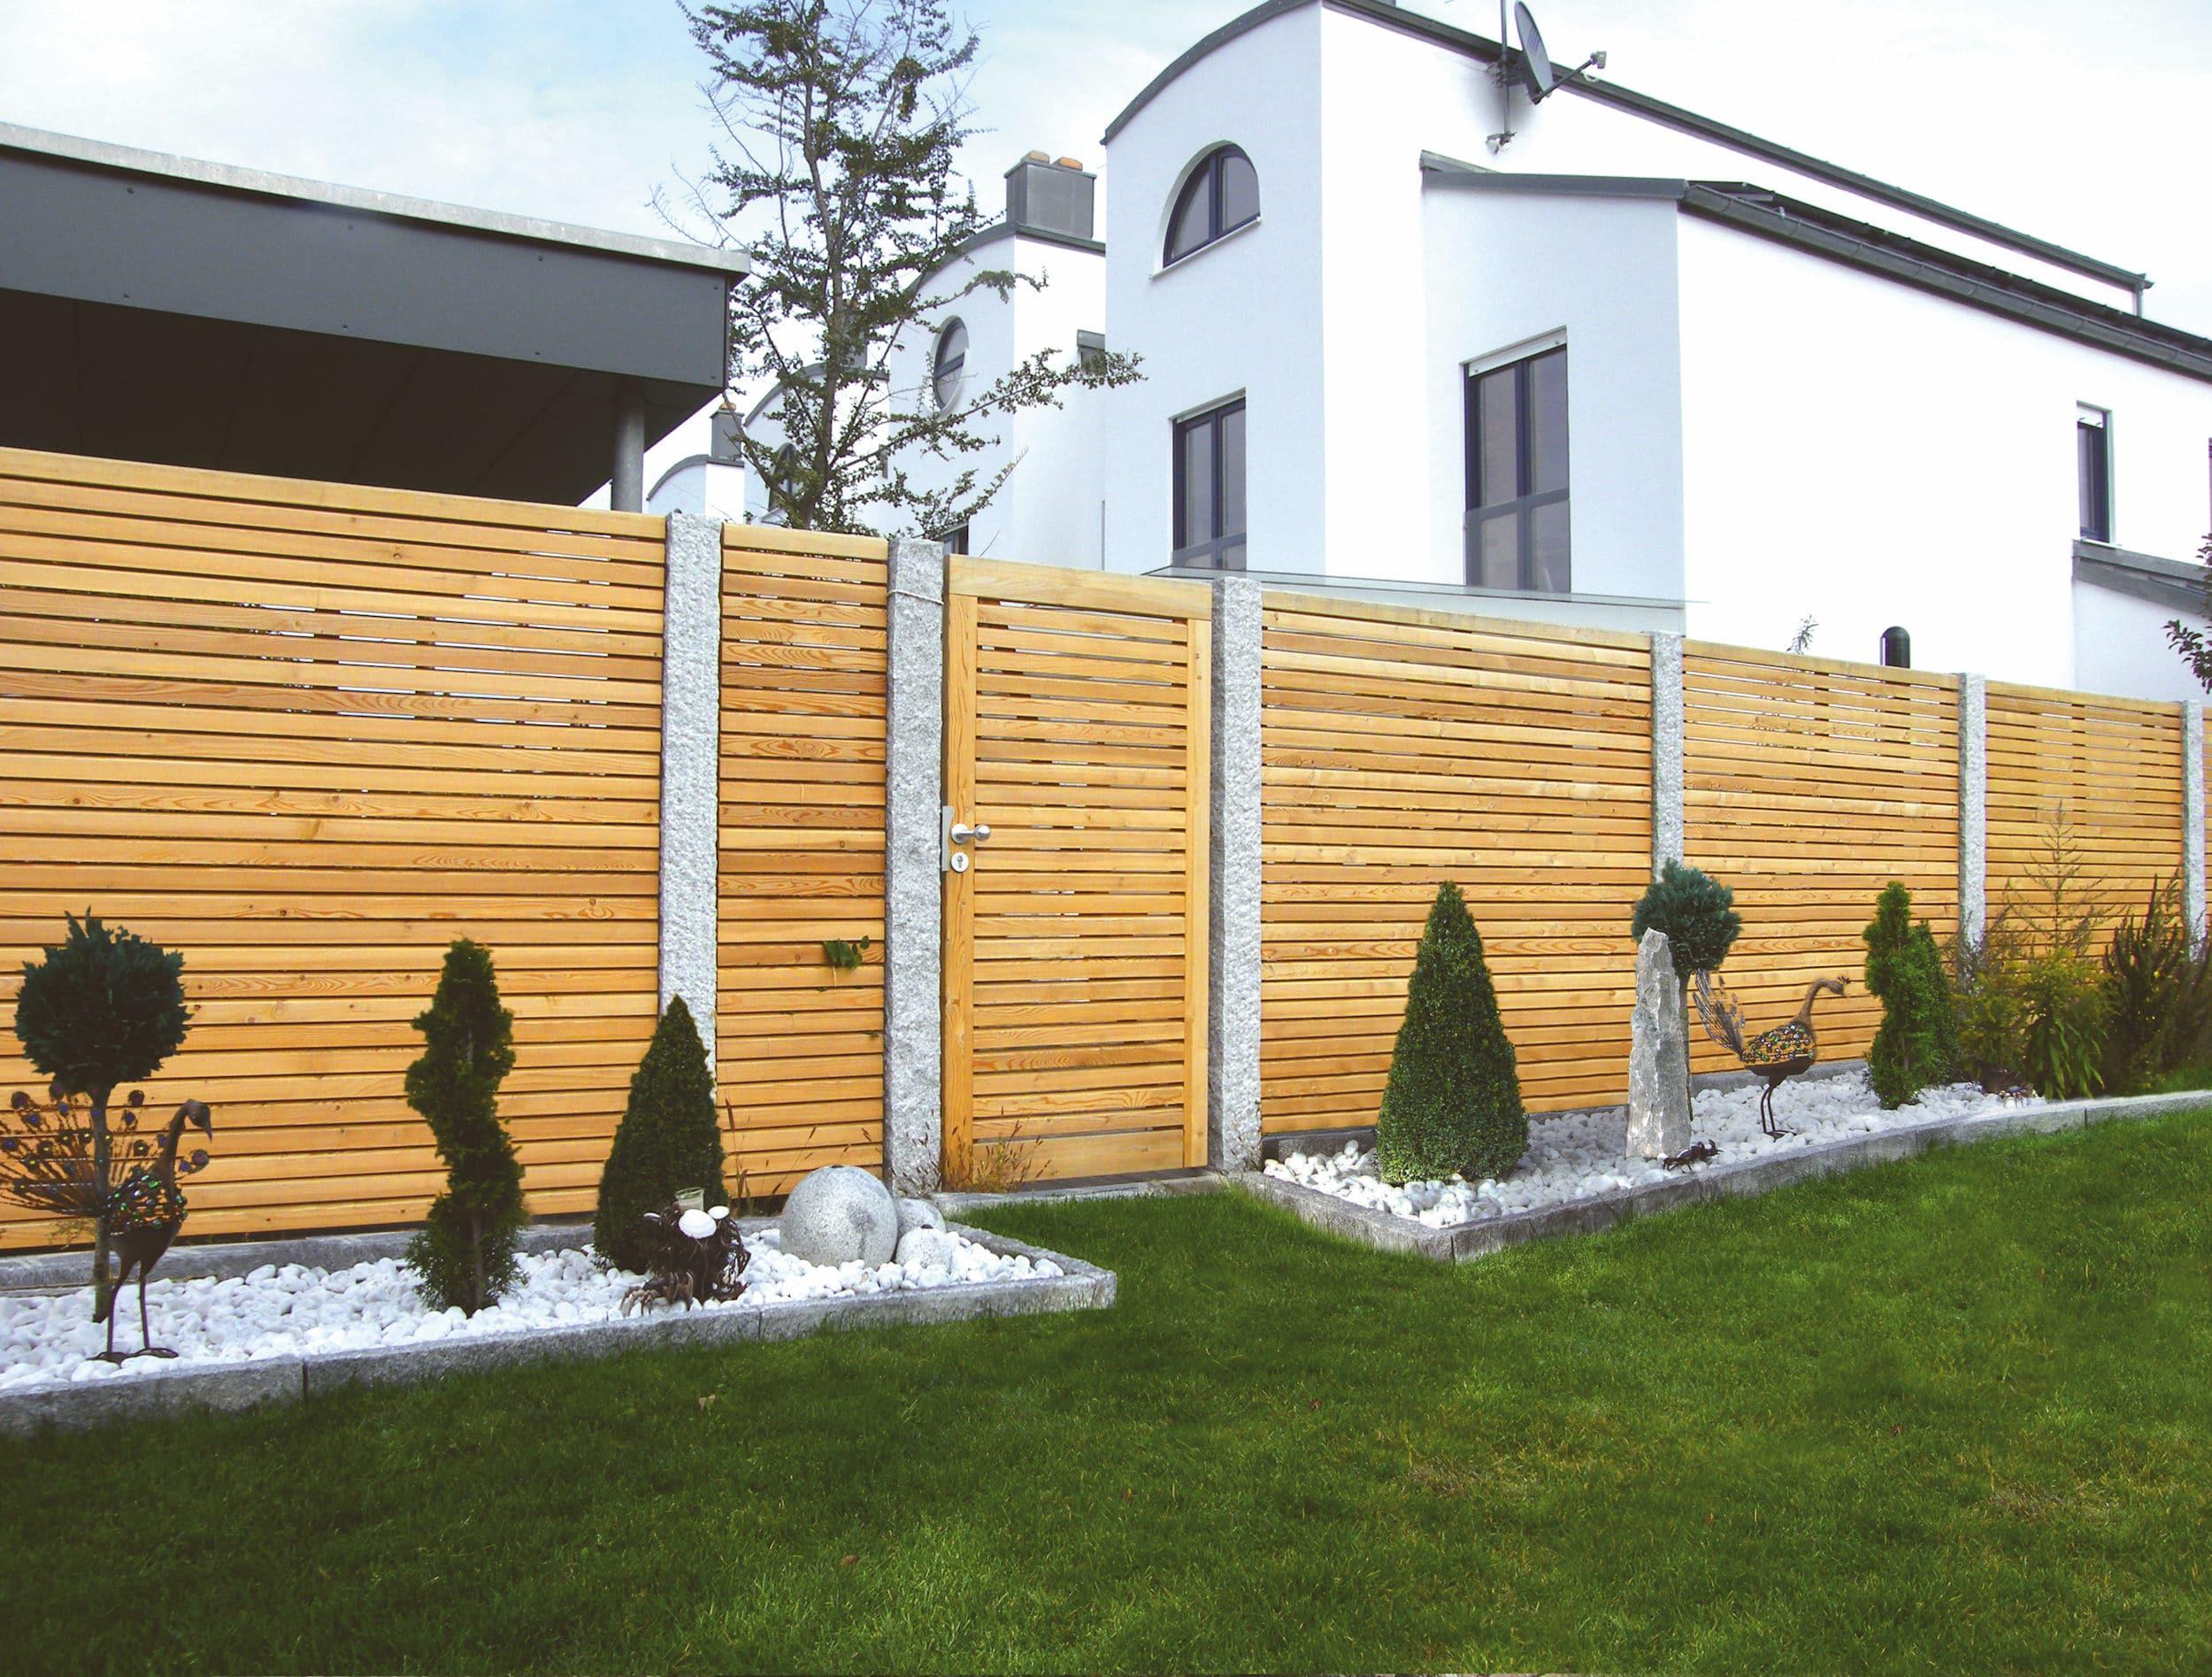 Holz Sichtschutzzaun Holzland Hundshammer